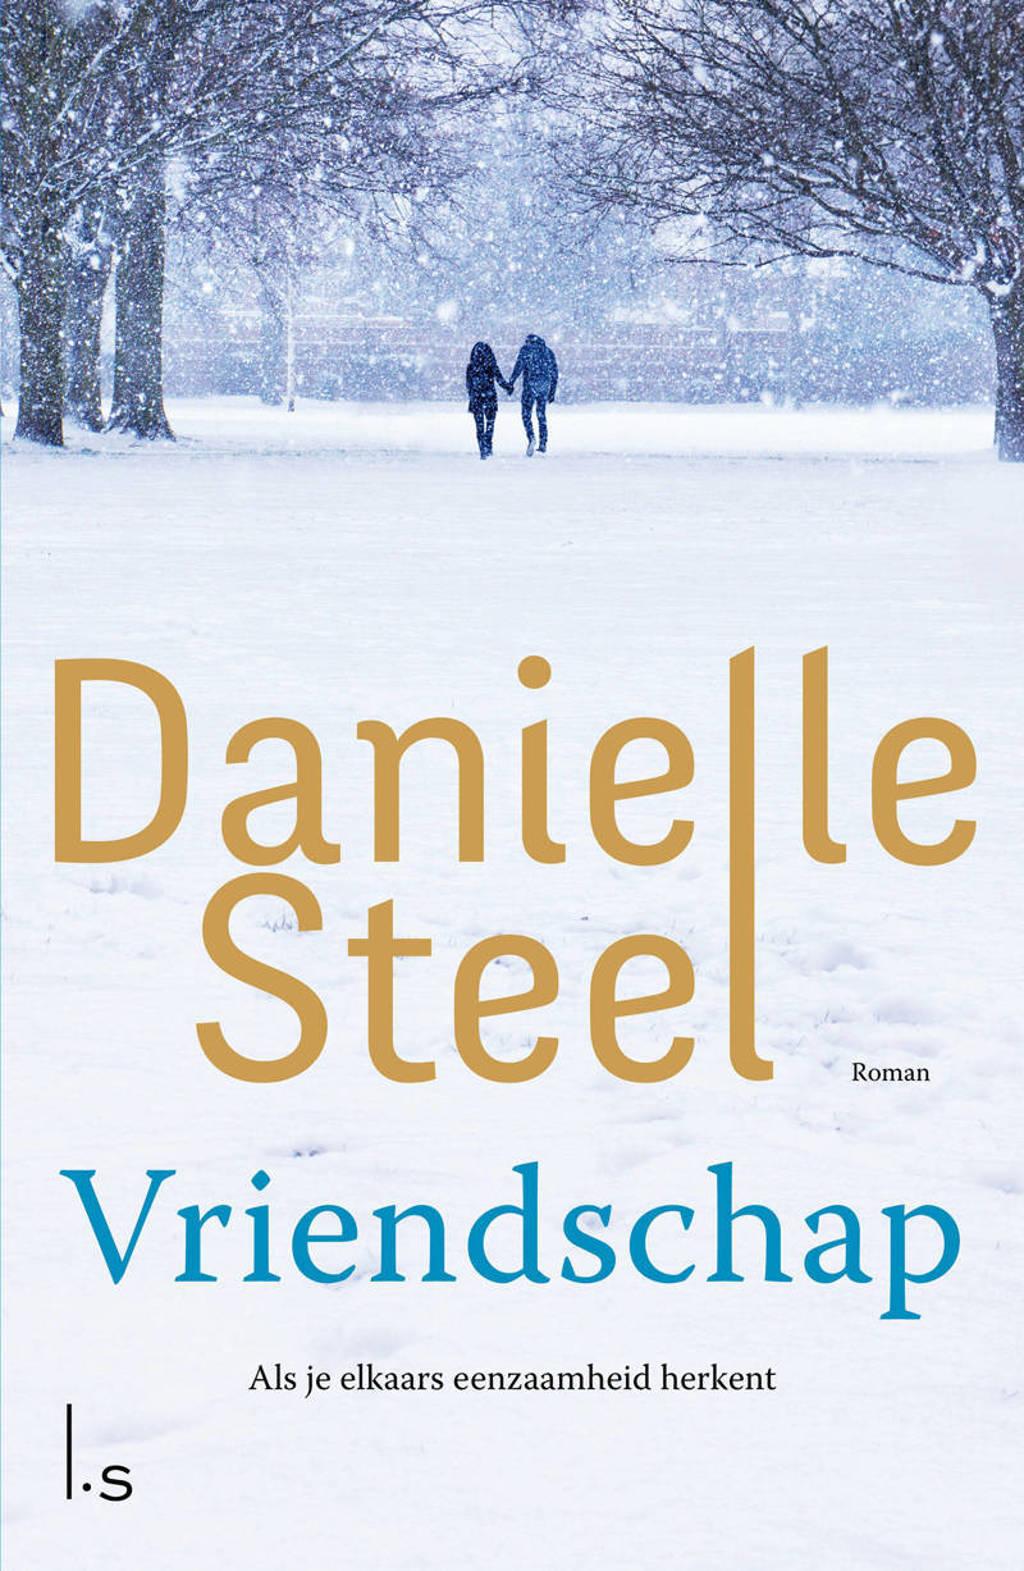 Vriendschap - Danielle Steel